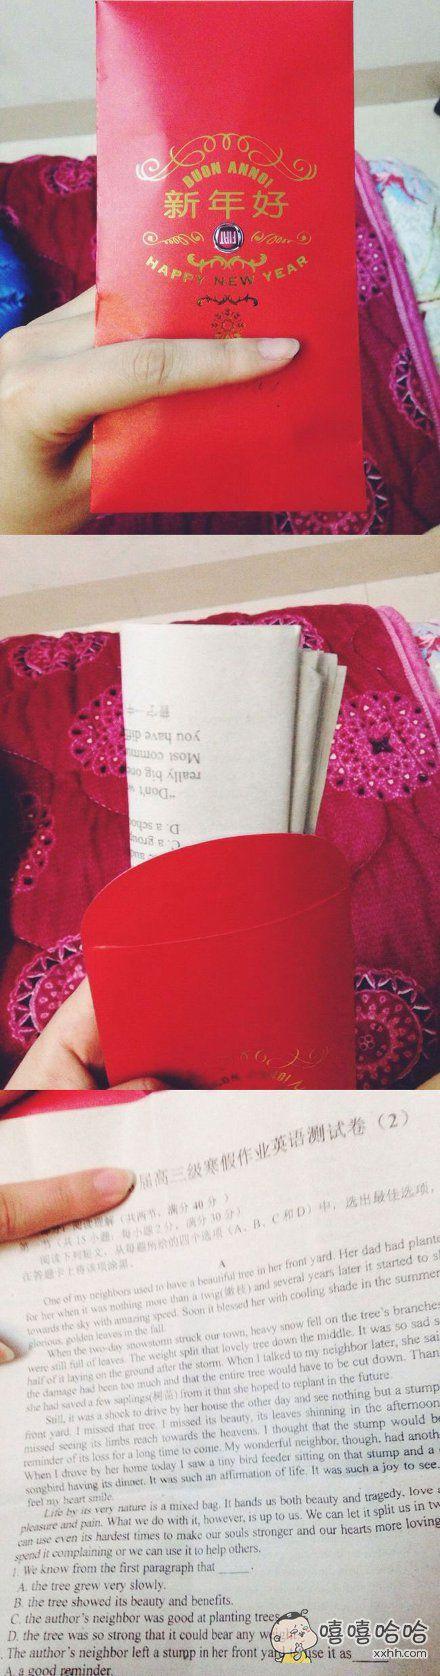 英语老师给的红包,流下了感动的泪水。。。